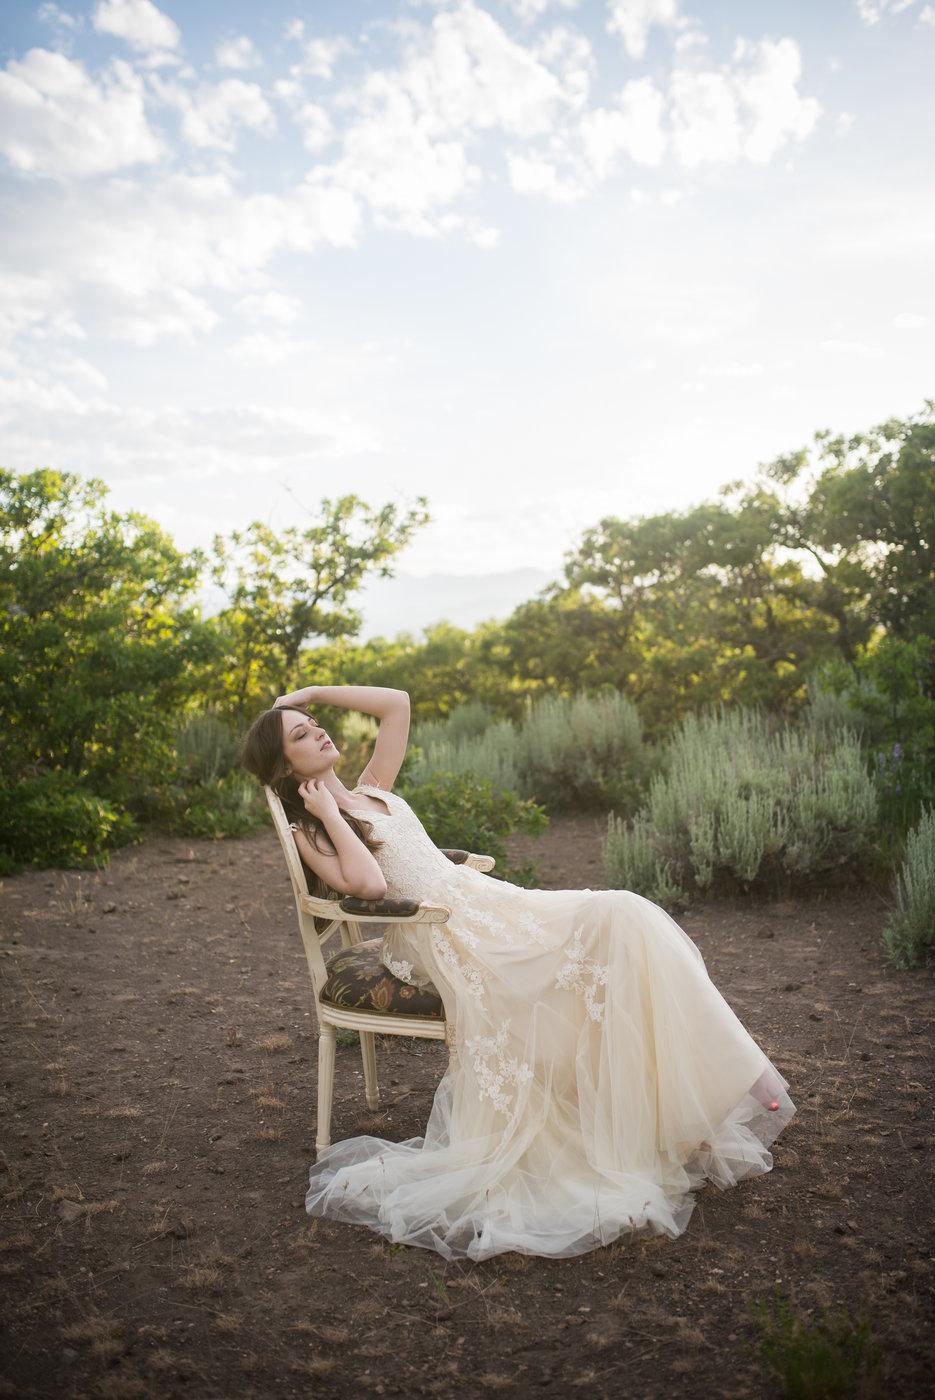 Intertwined Floral-Utah Photographer-Utah Wedding Photographer-Draper, Utah-Utah Bridals (5).jpg